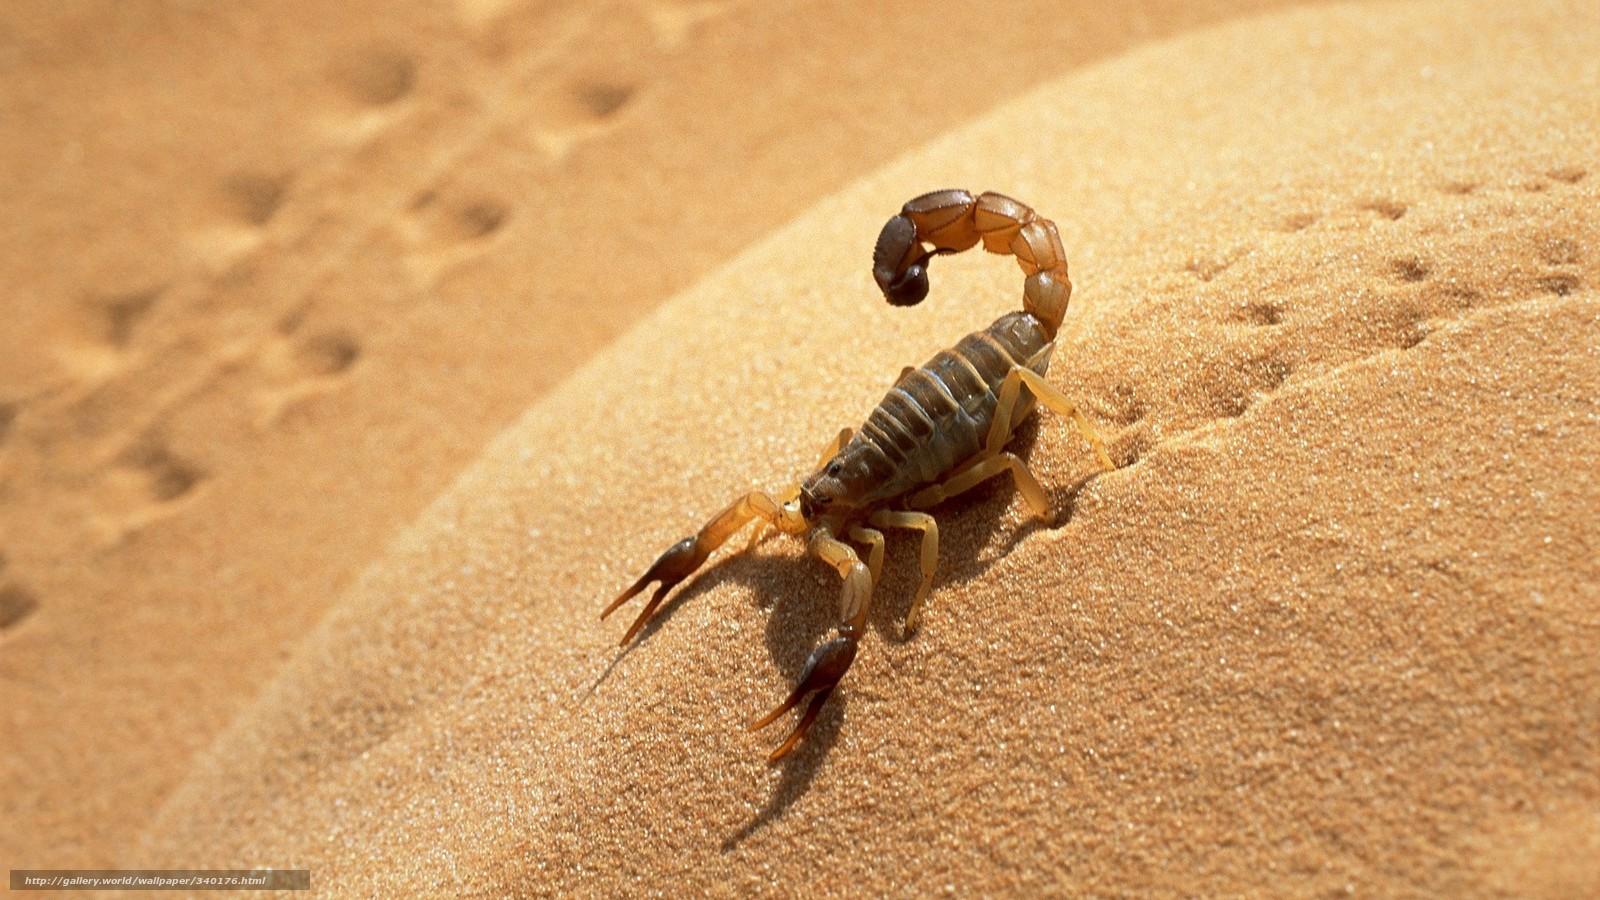 Tlcharger Fond d'ecran scorpion,  sable,  ombre,  traces Fonds d'ecran gratuits pour votre rsolution du bureau 1920x1080 — image №340176